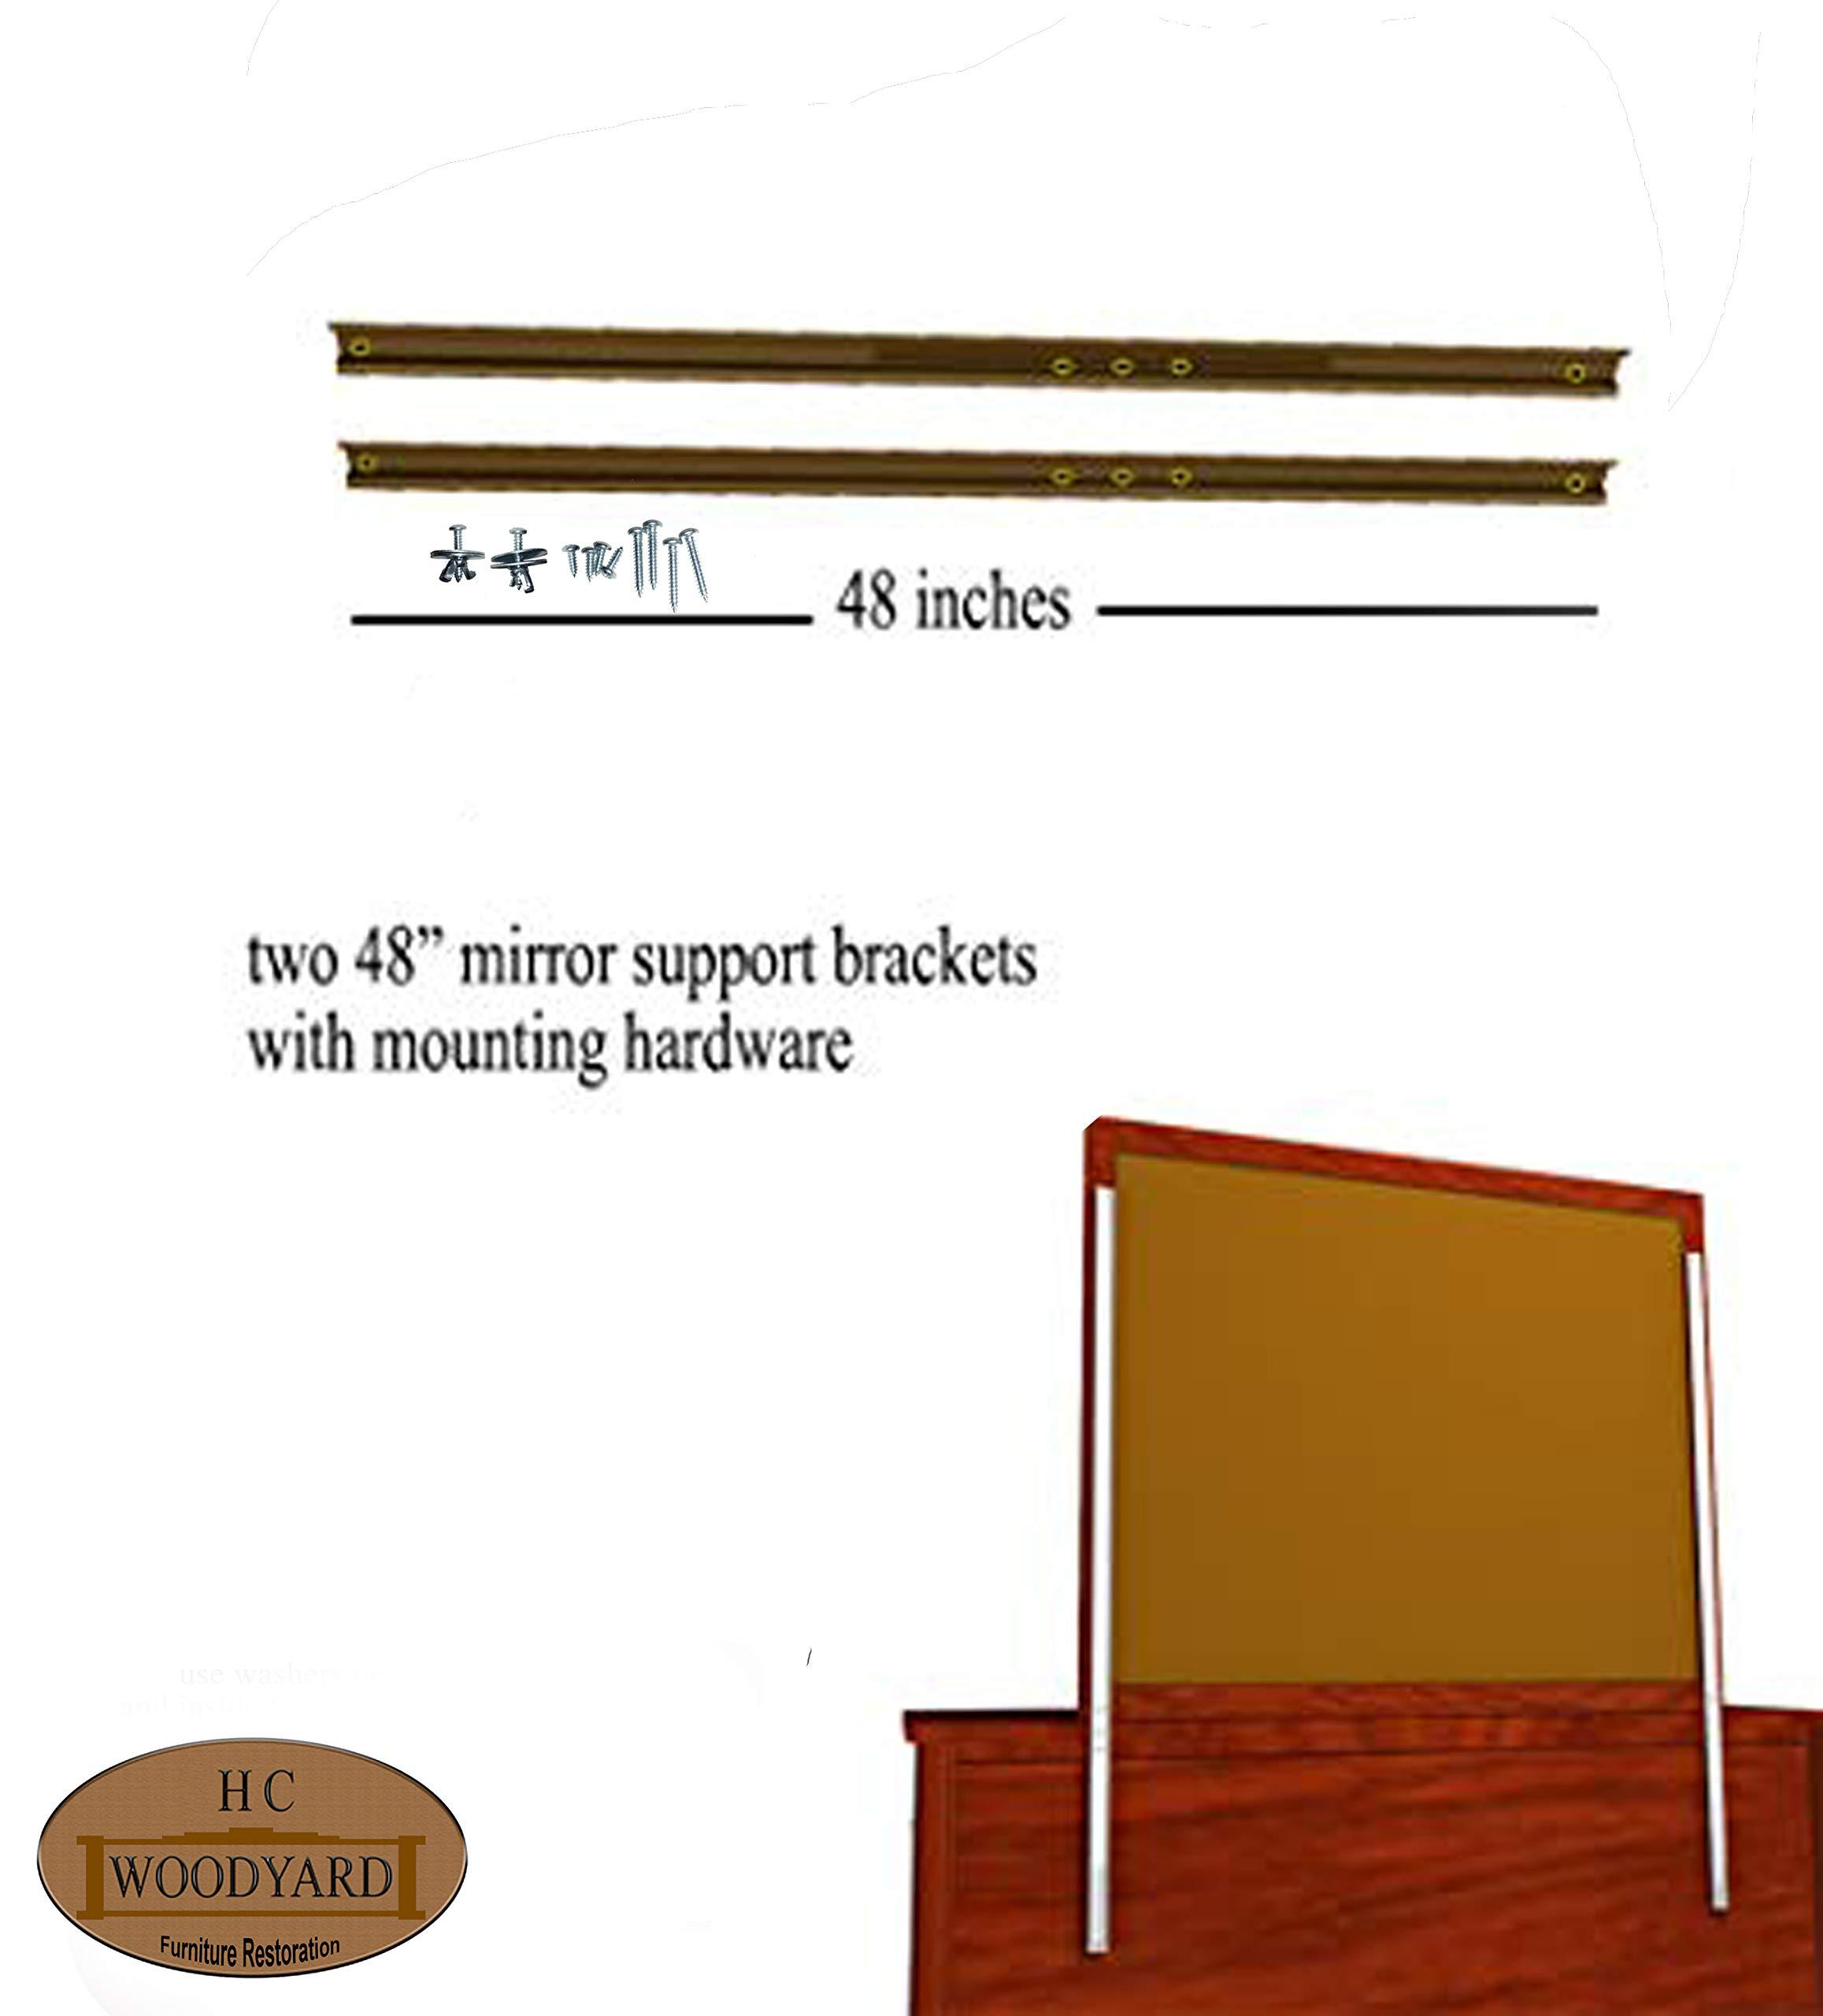 Dresser mirror Brackets by H&C Woodyard Dresser mirror supports